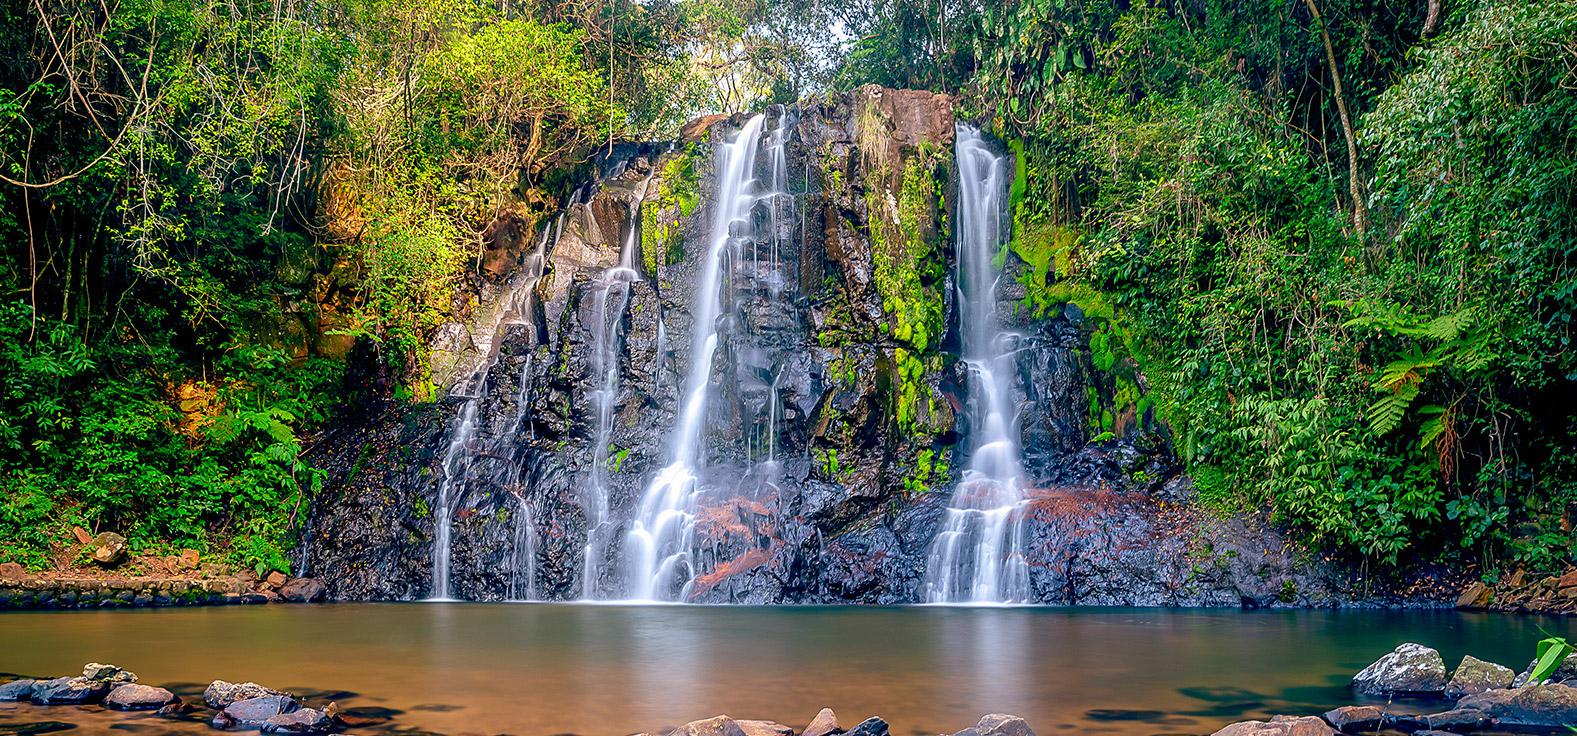 Cascata Dorigon em São Pedro | Portal Serra do Itaquerí